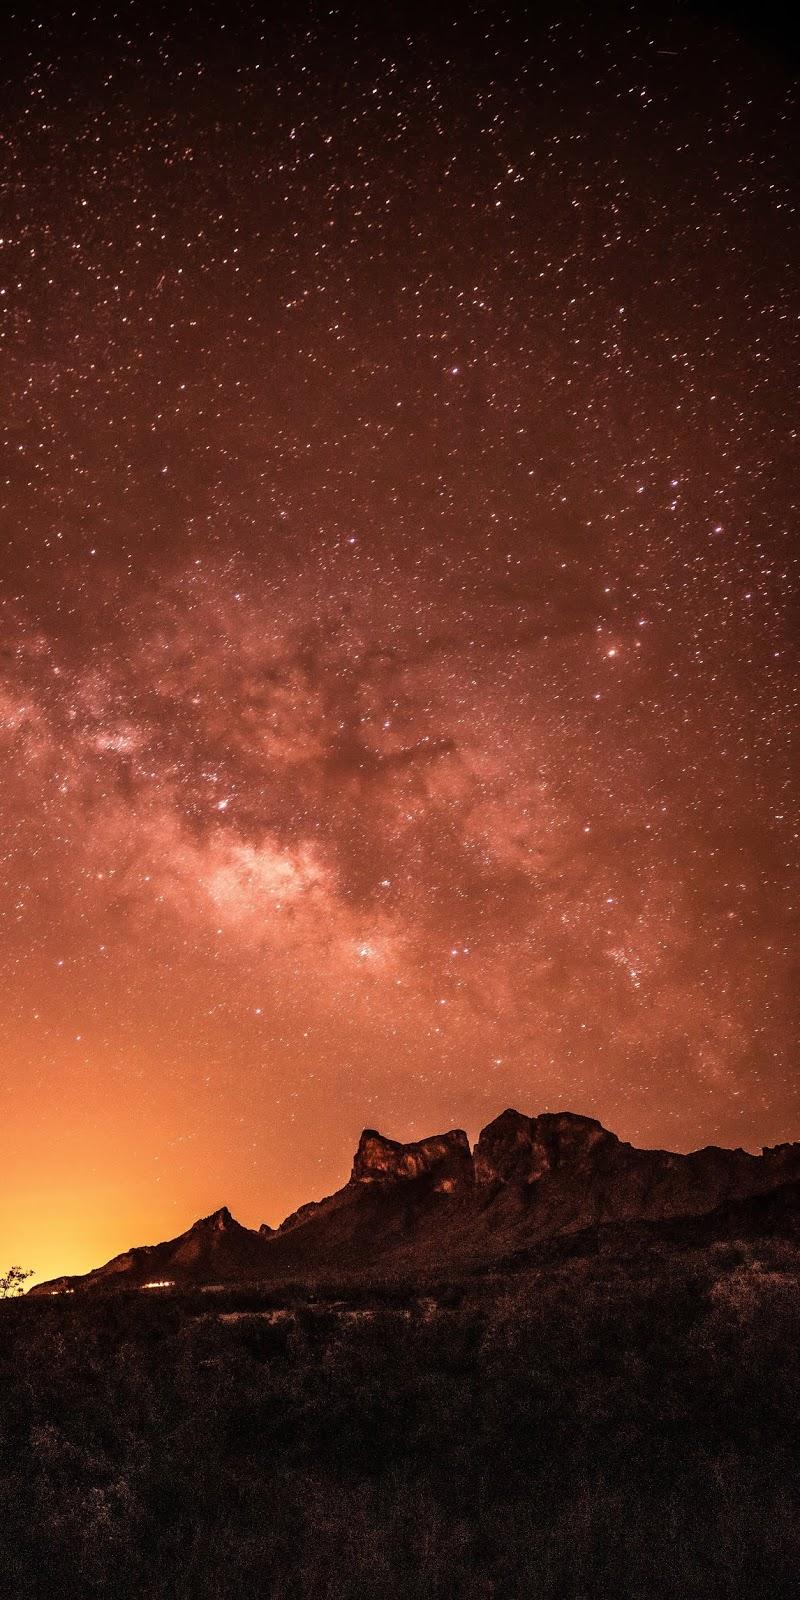 Orange night sky